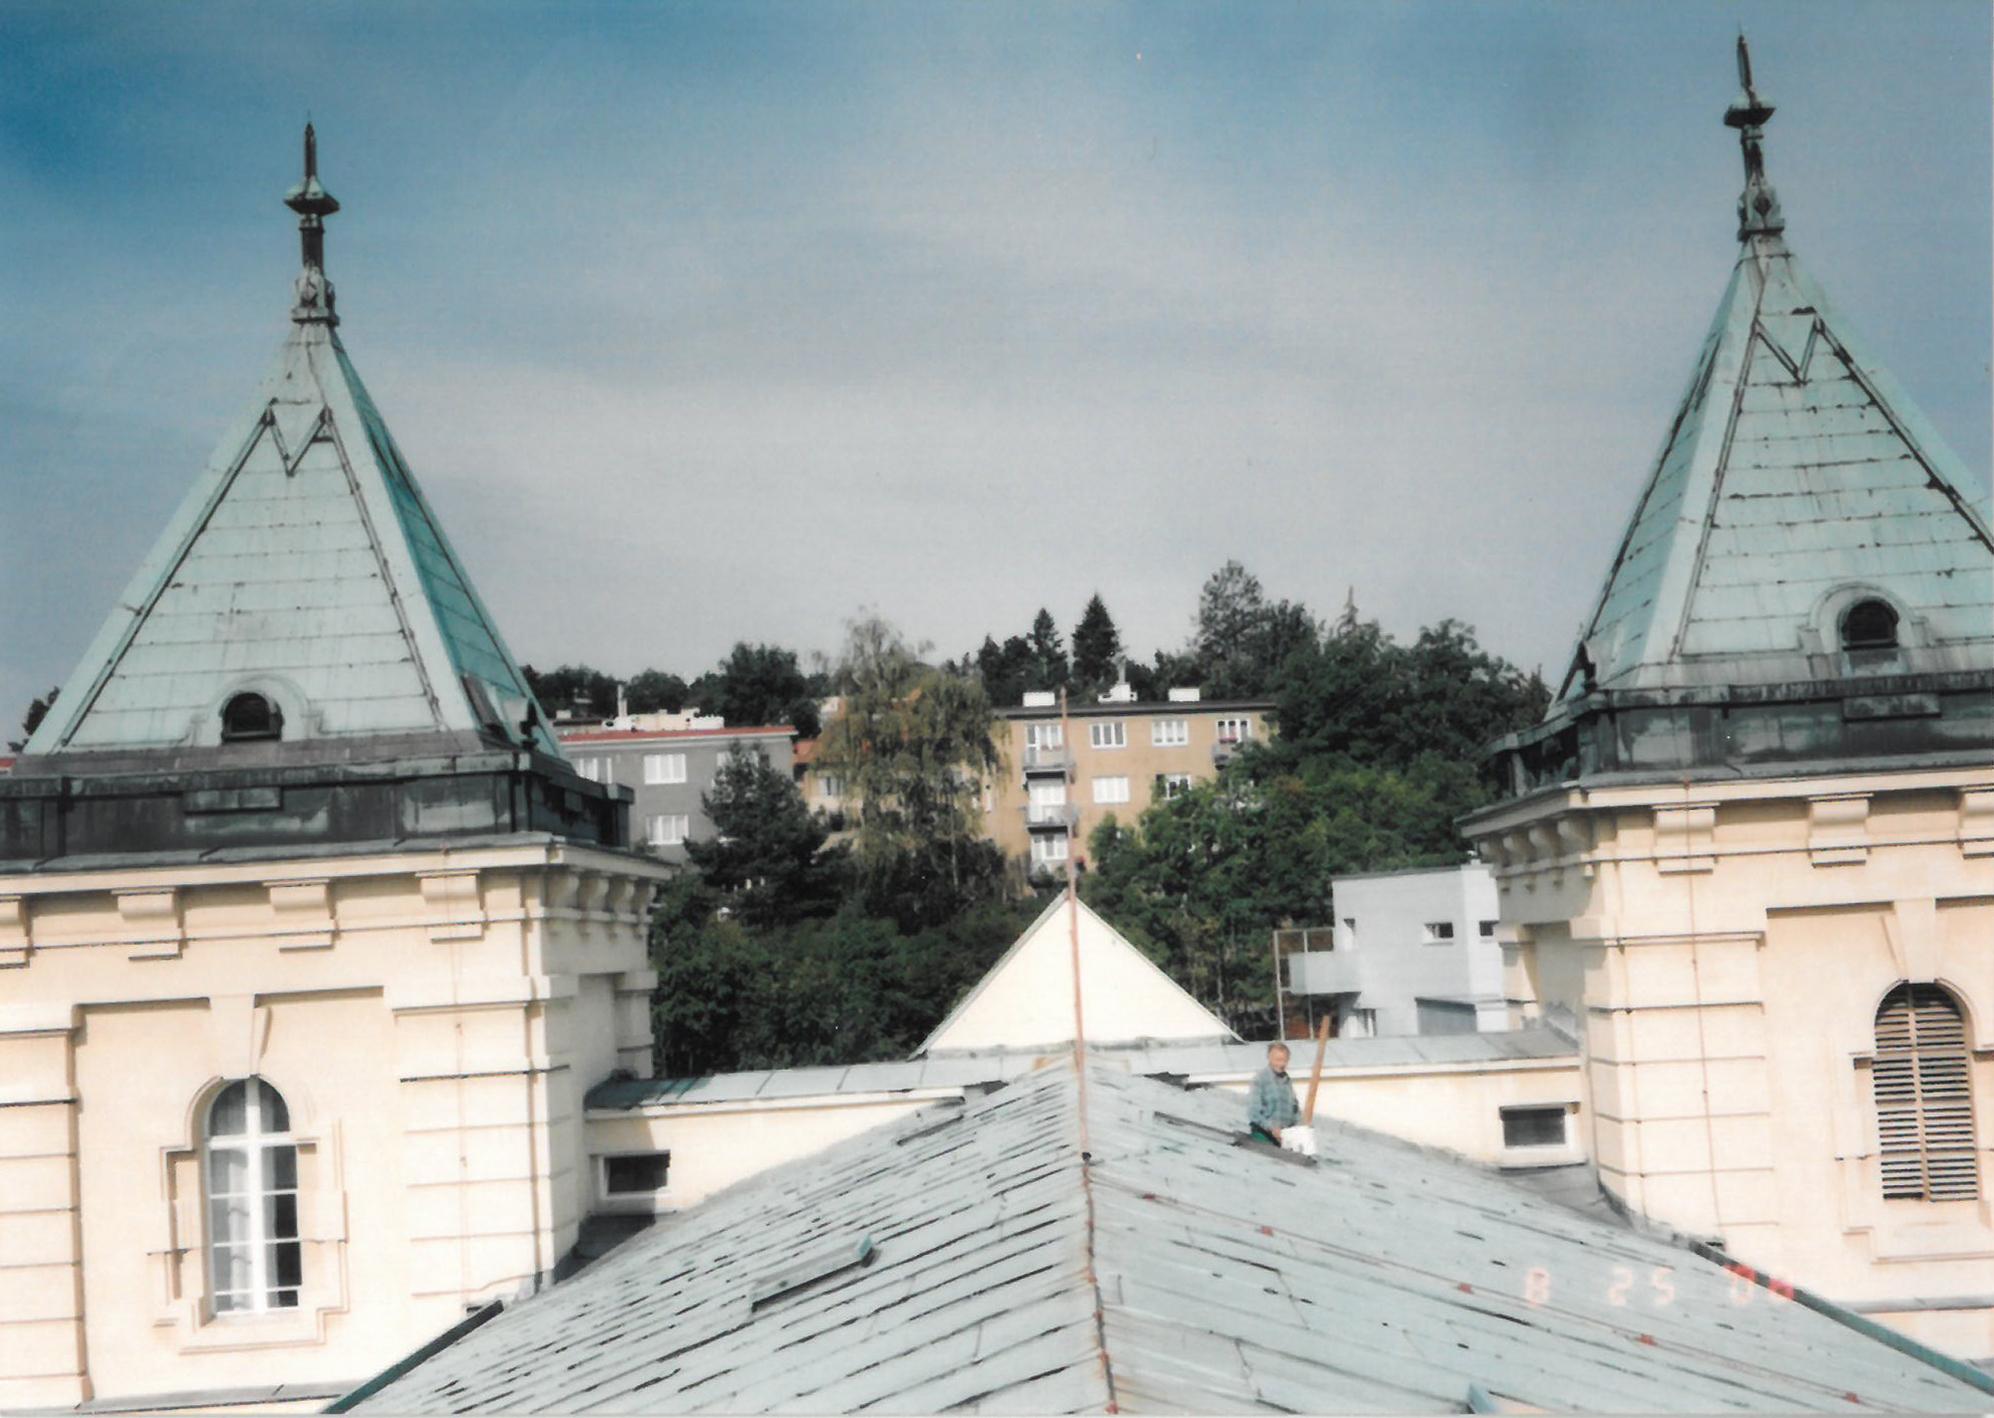 Trochu jiný pohled z budovy než znáte